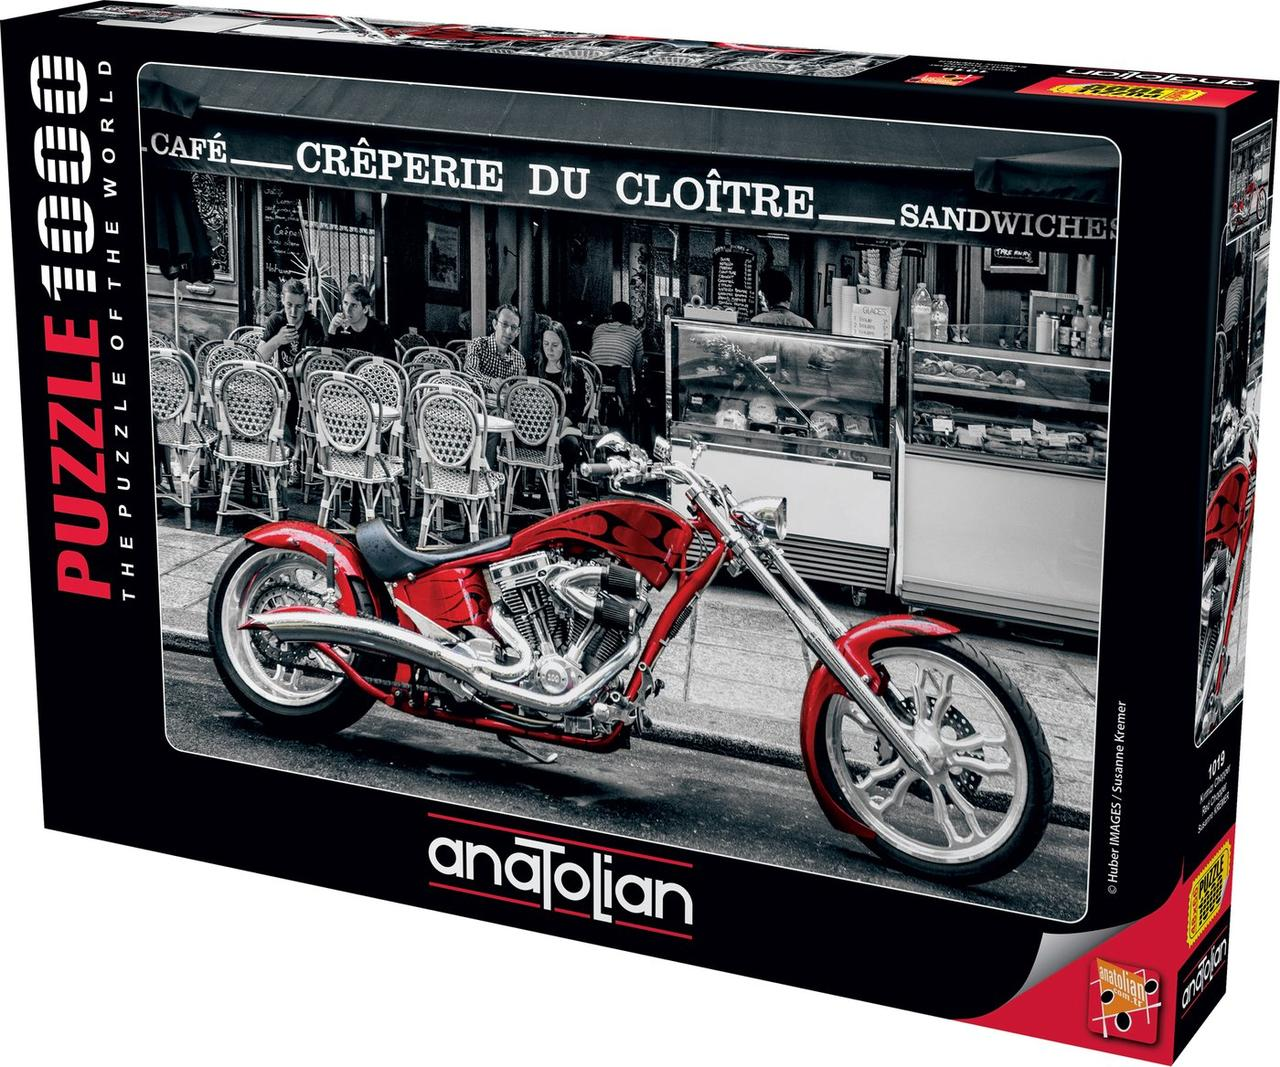 Пазлы 1000 элементов Красный Чоппер 1019 Anatolian